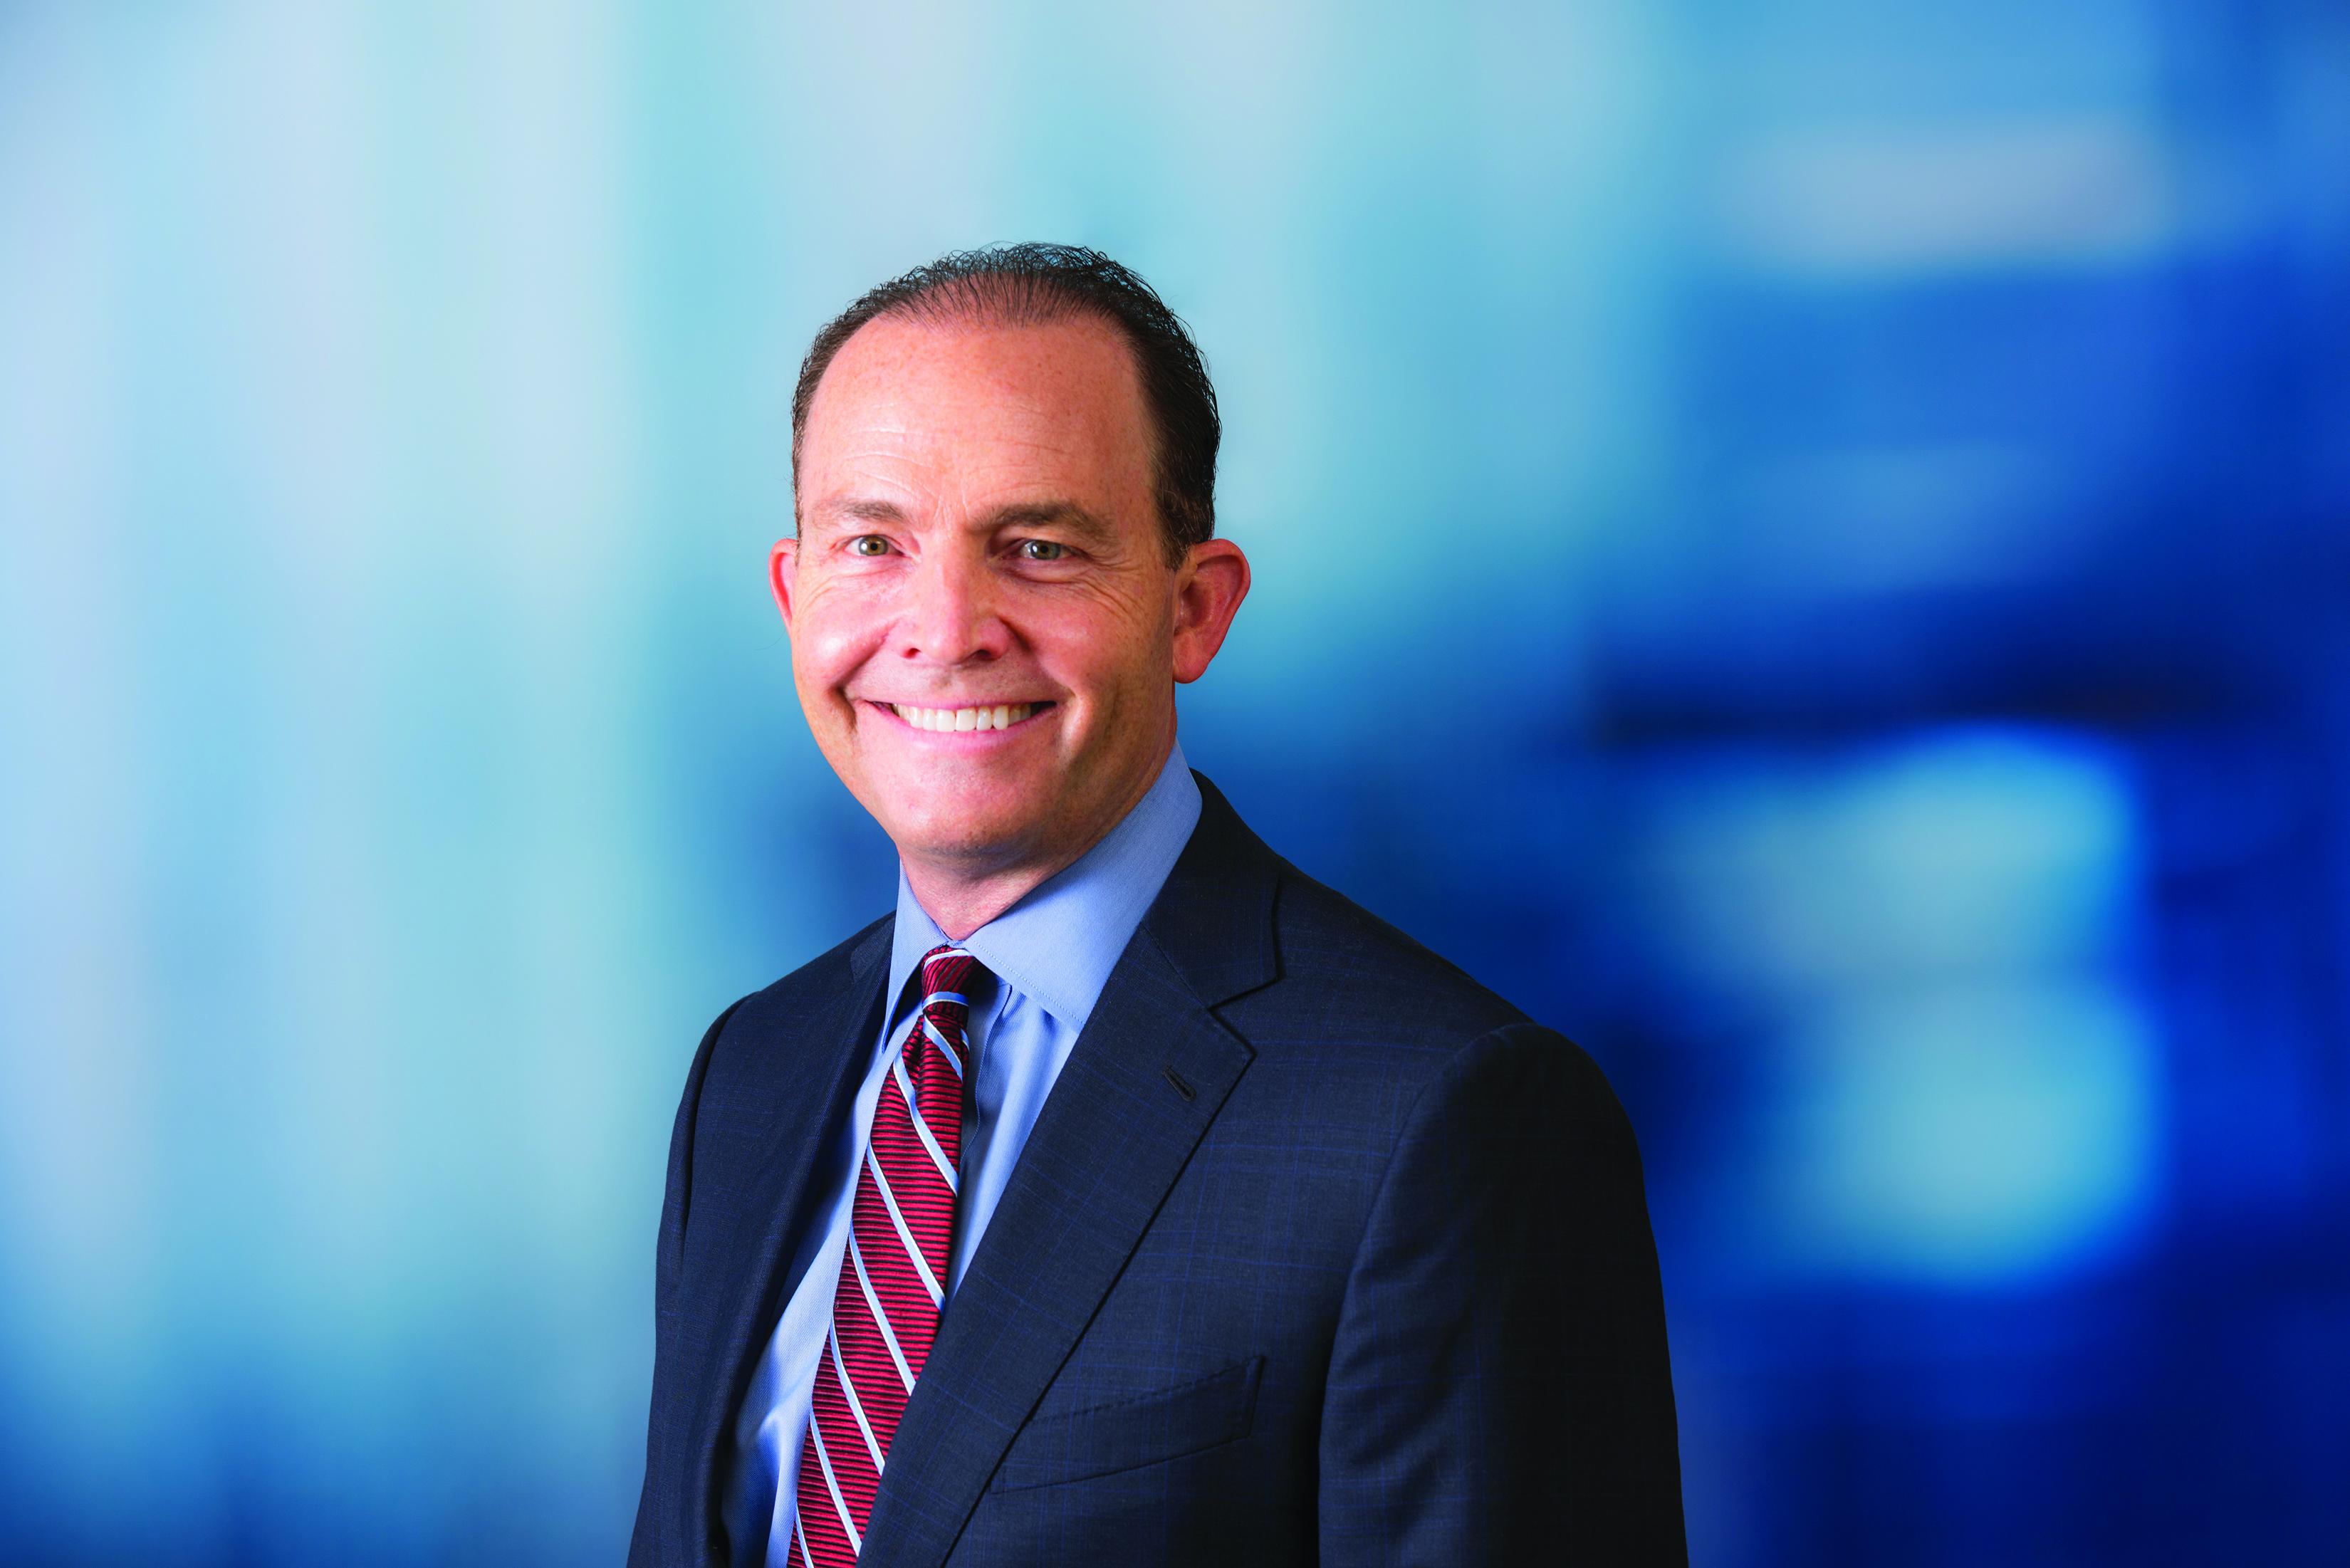 Stephen H. Dover, Szef zespołu ds. akcji, CFA - Franklin Templeton Investments